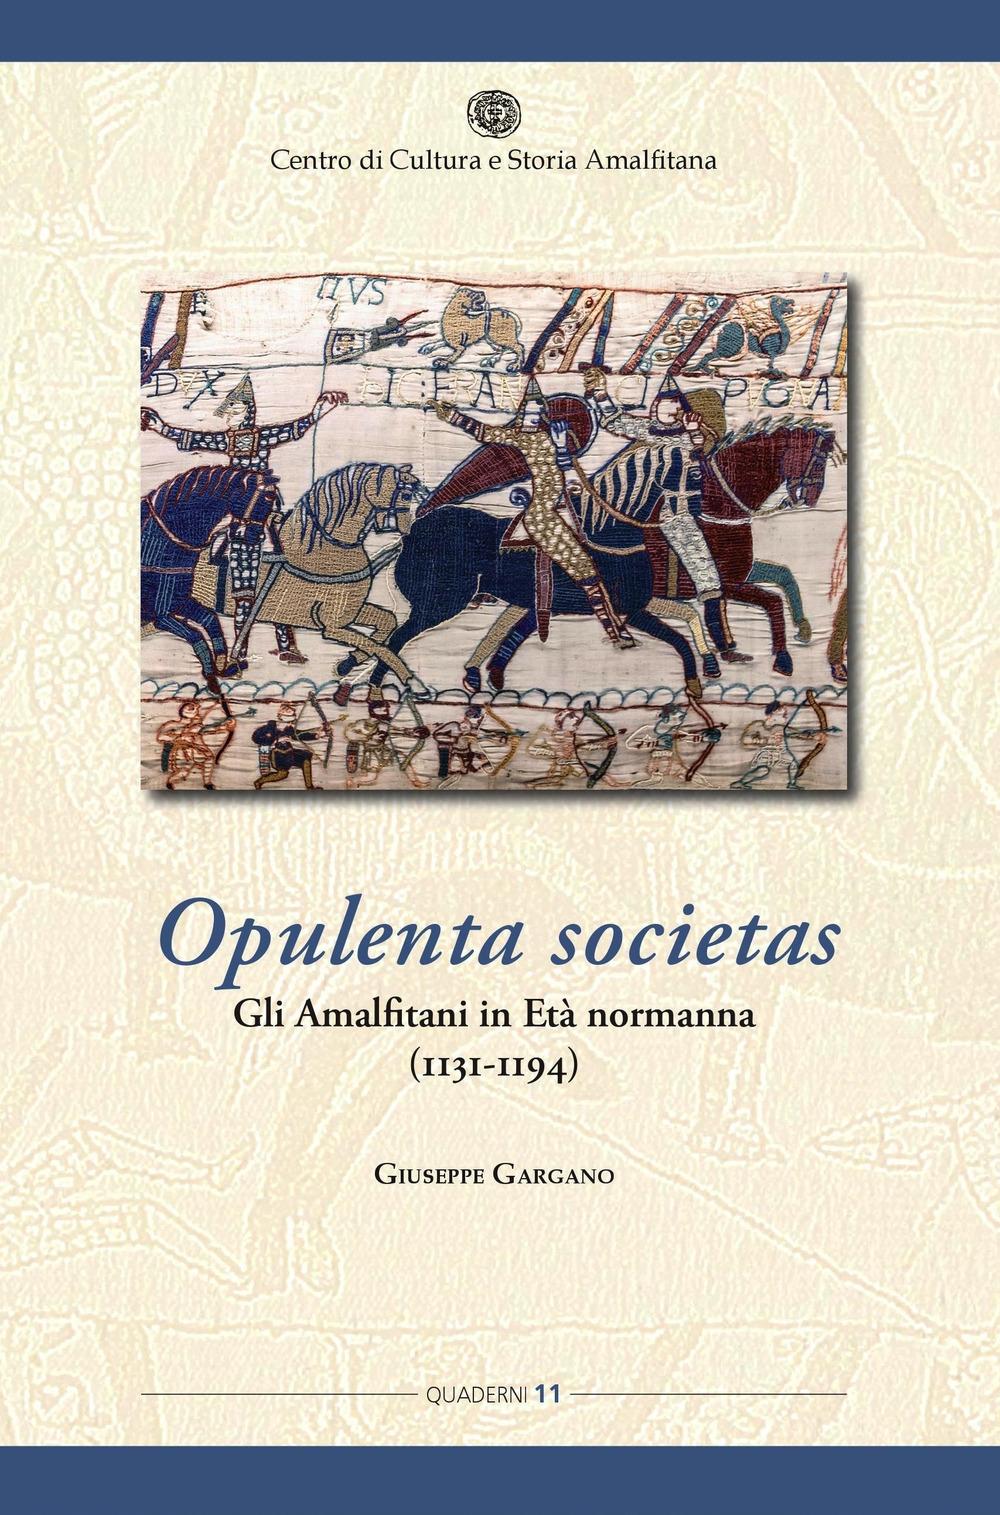 Opulenta societas. Gli amalfitani in età normanna (1131-1194)